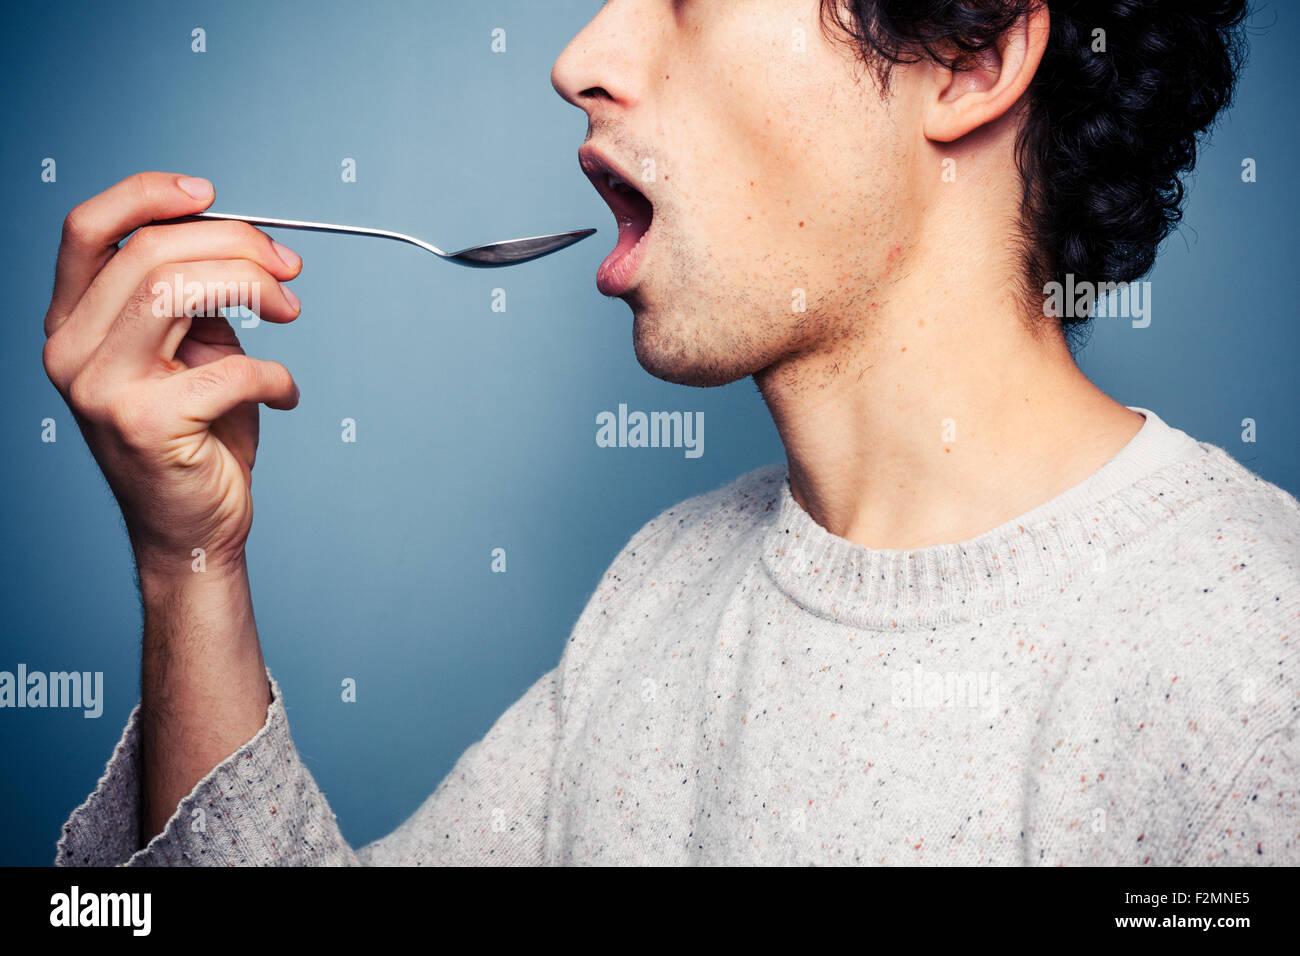 Giovane uomo di mettere il cucchiaio nella sua bocca Immagini Stock